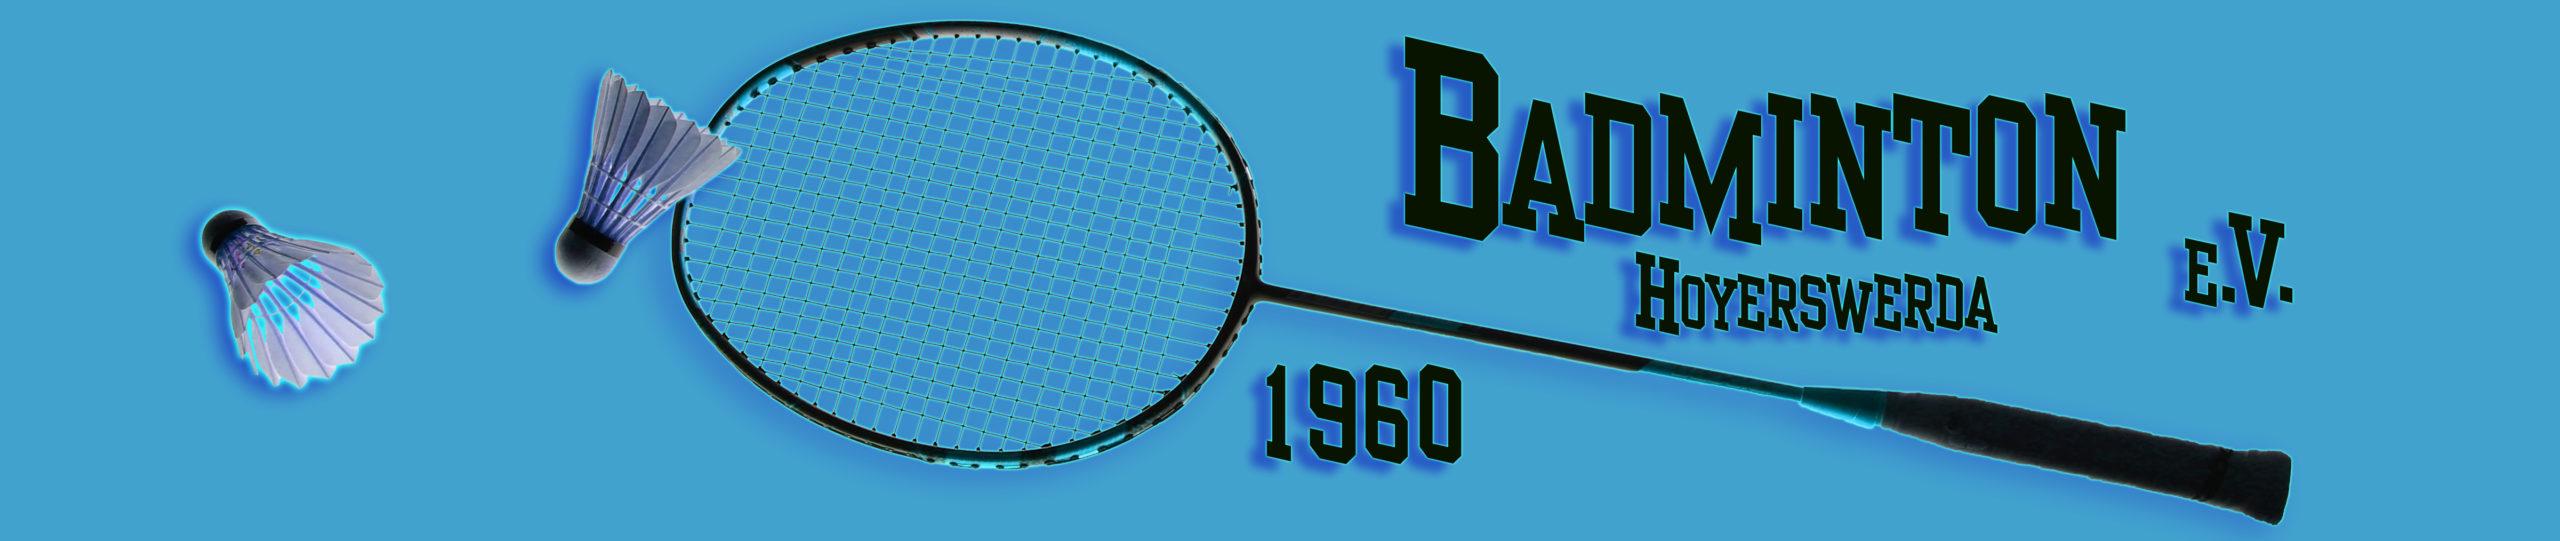 Badmintonverein Hoyerswerda 1960 e.V.